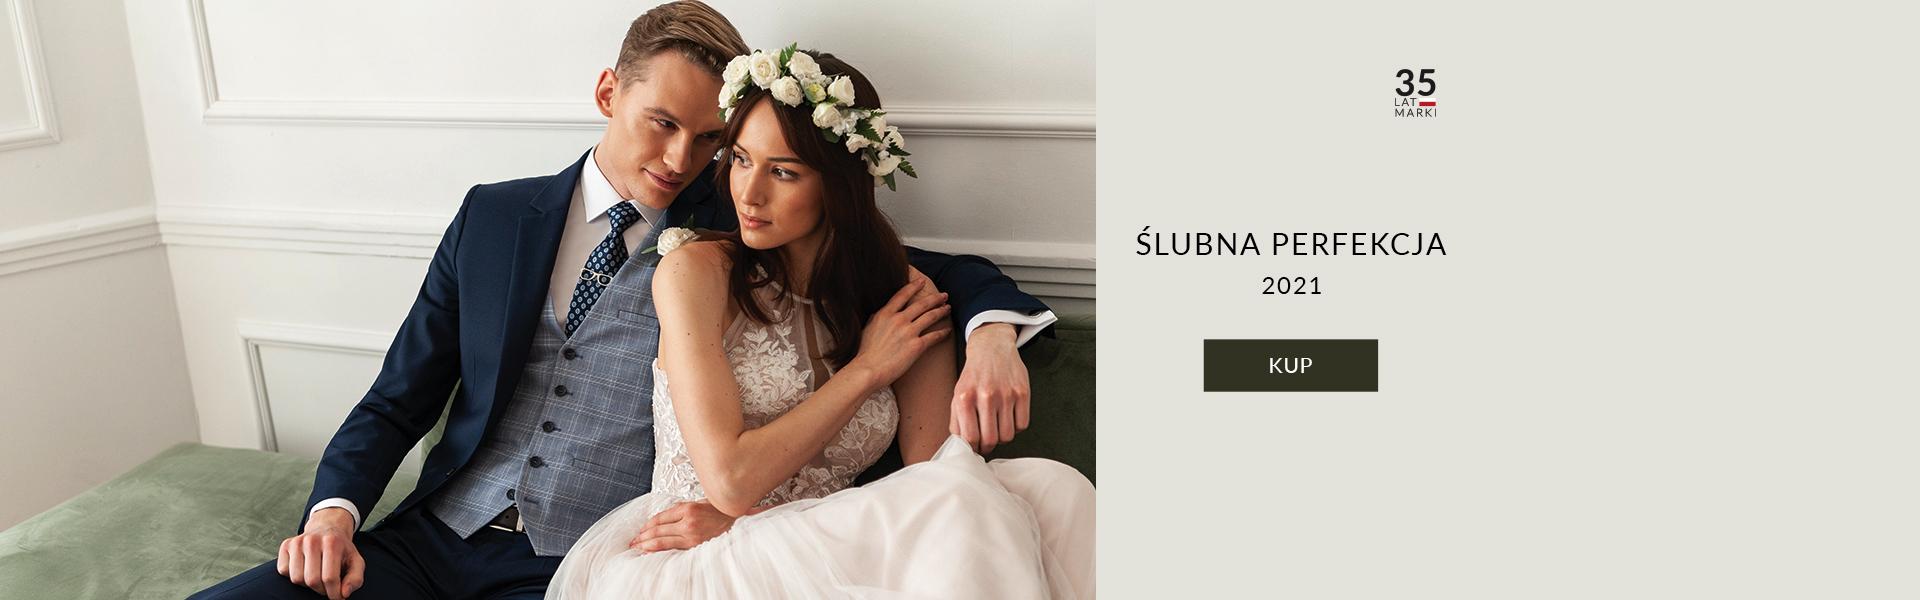 Ślubna Perfekcja